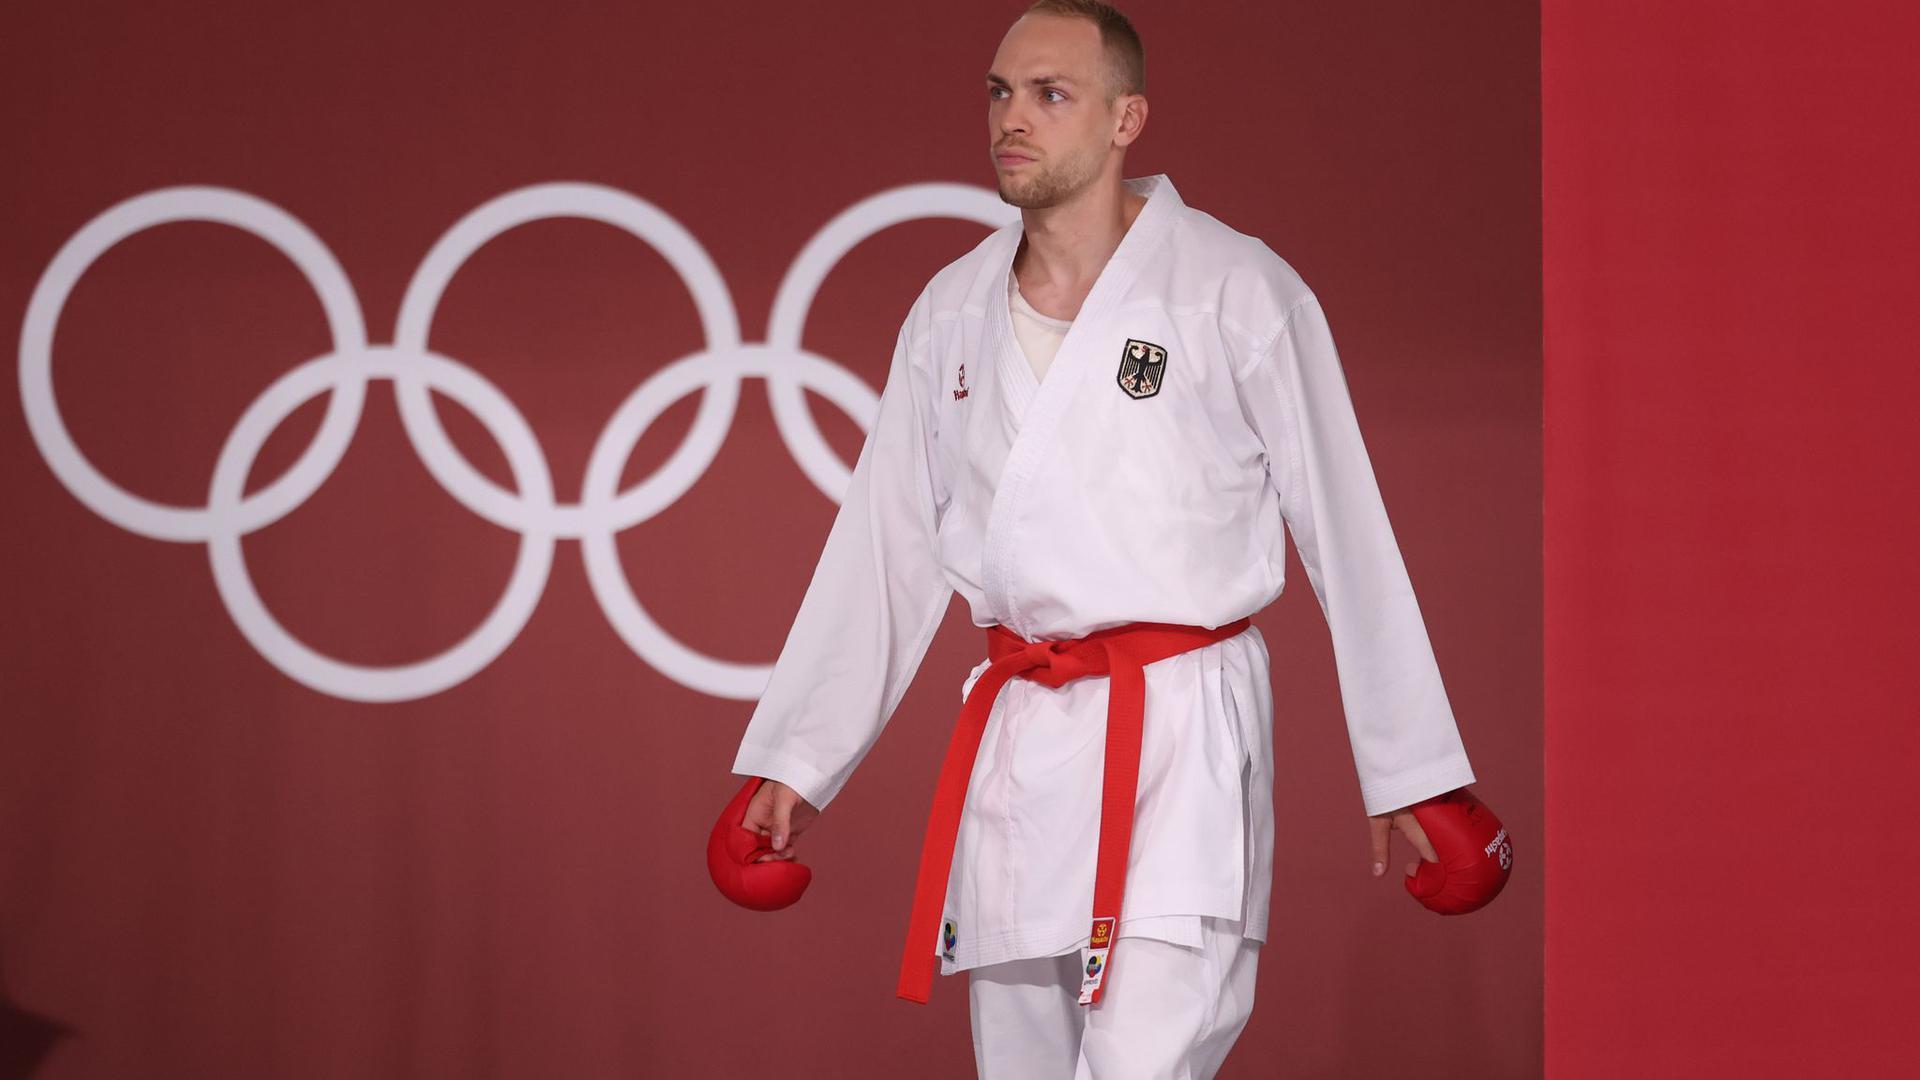 Kam in Tokio nicht über die Vorrunde hinaus: Karateka Noah Bitsch.